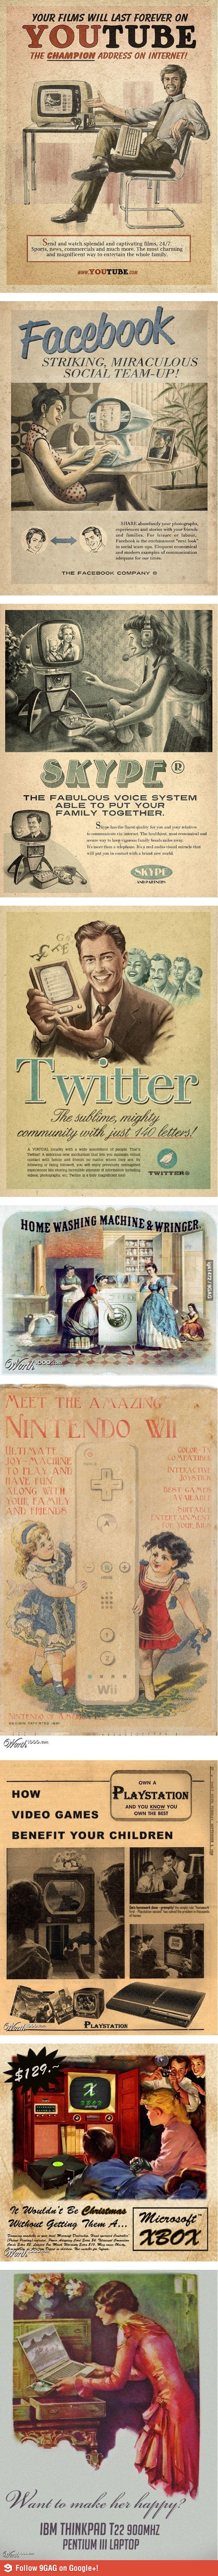 Publicidad vintage para tecnología moderna